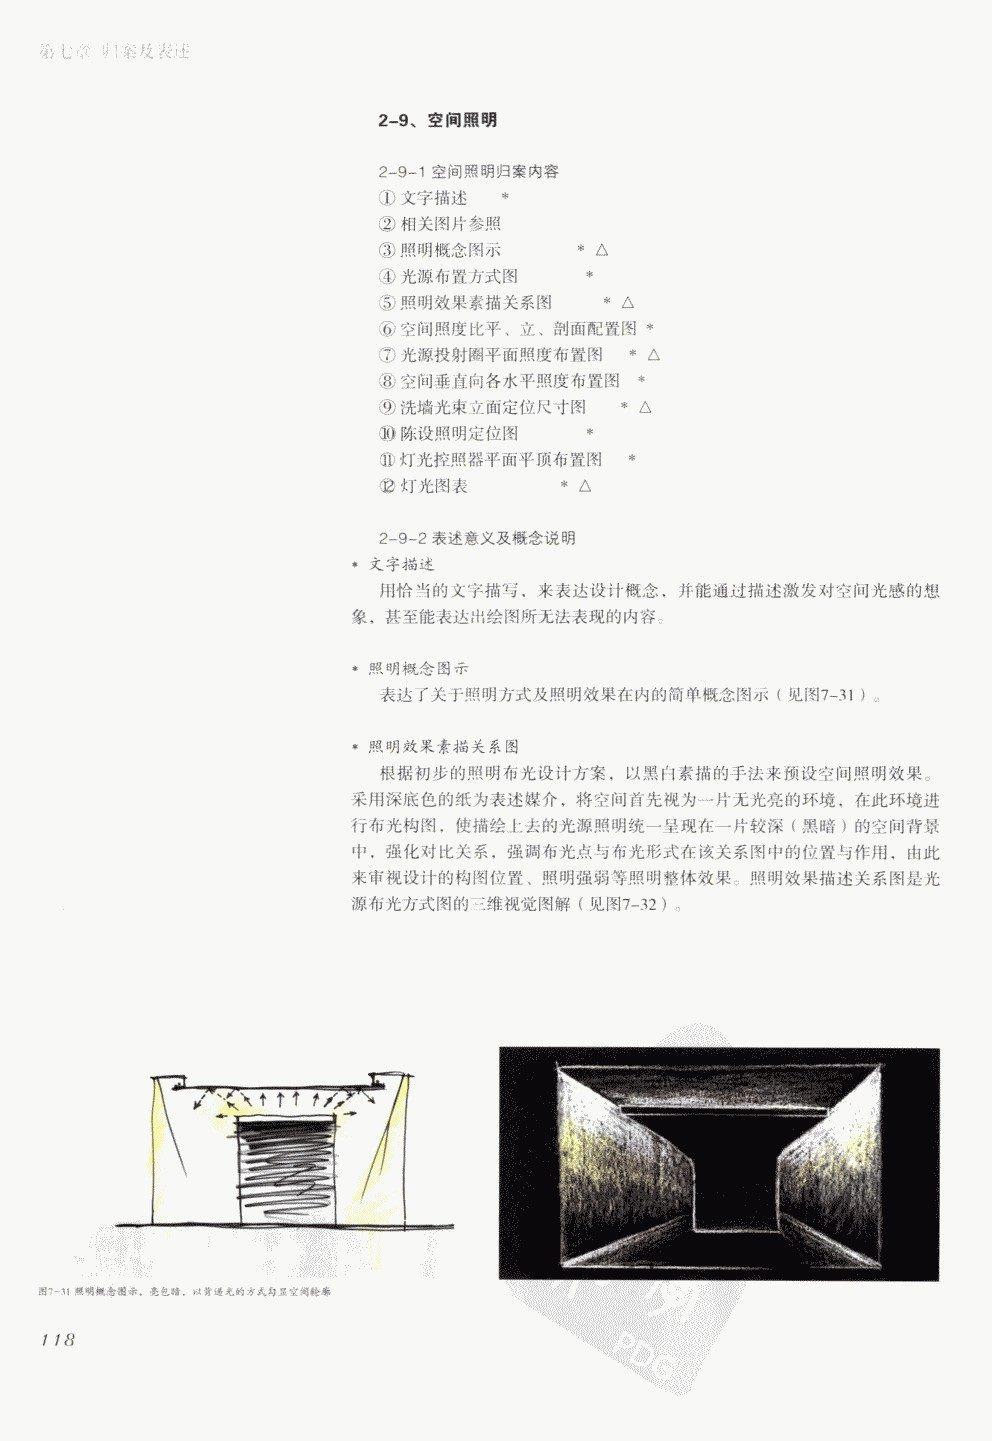 室内设计纲要++概念思考与过程表达_室内设计纲要  概念思考与过程表达_1297982..._页面_126.jpg